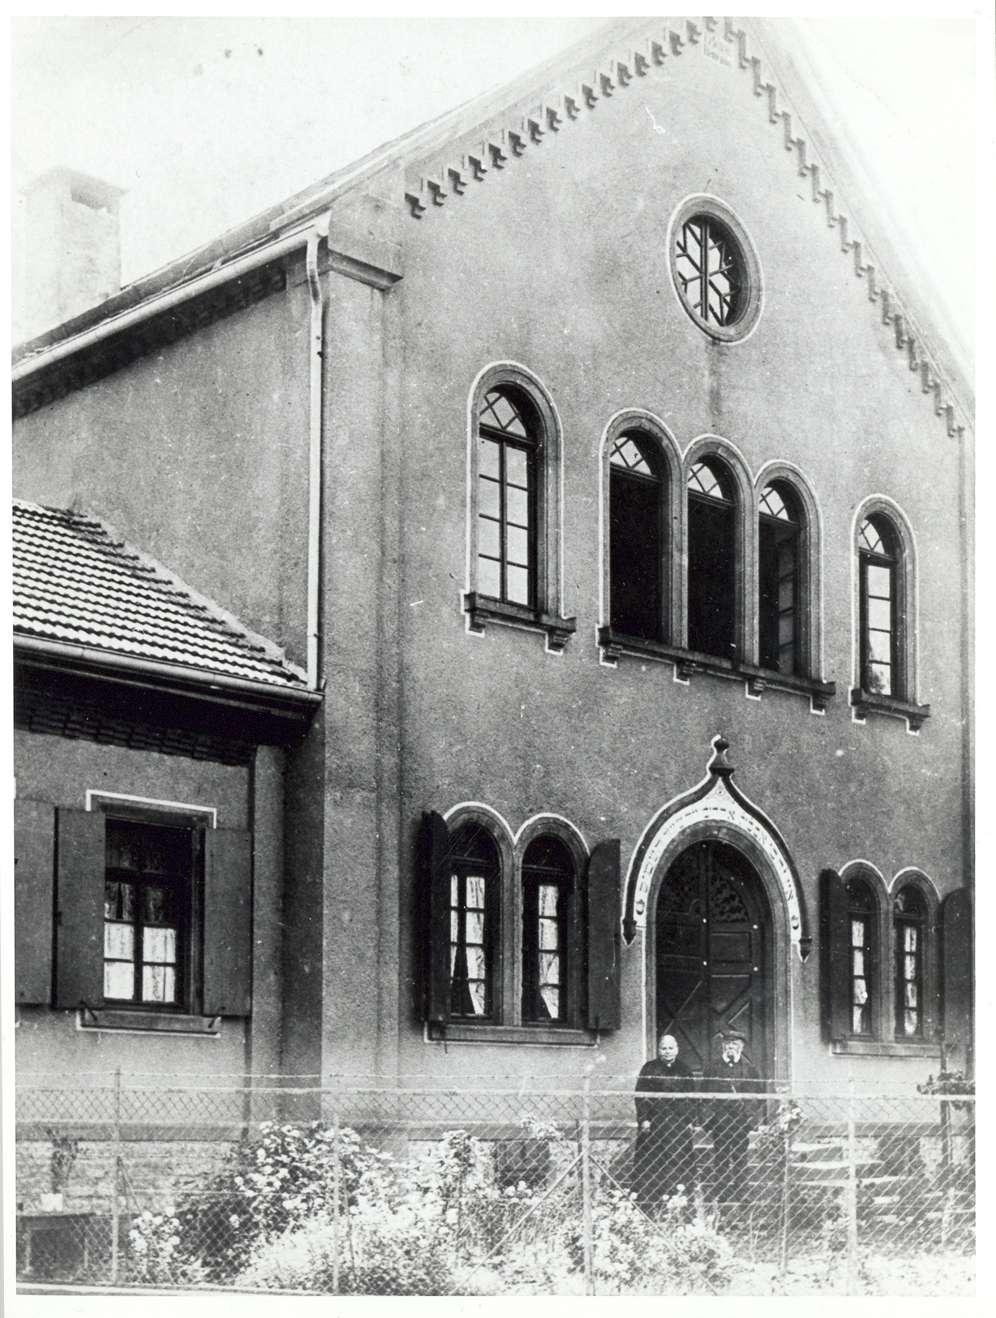 Gondelsheim, KA; Synagoge, Vorderansicht mit älterem Ehepaar am Eingang, Bild 1